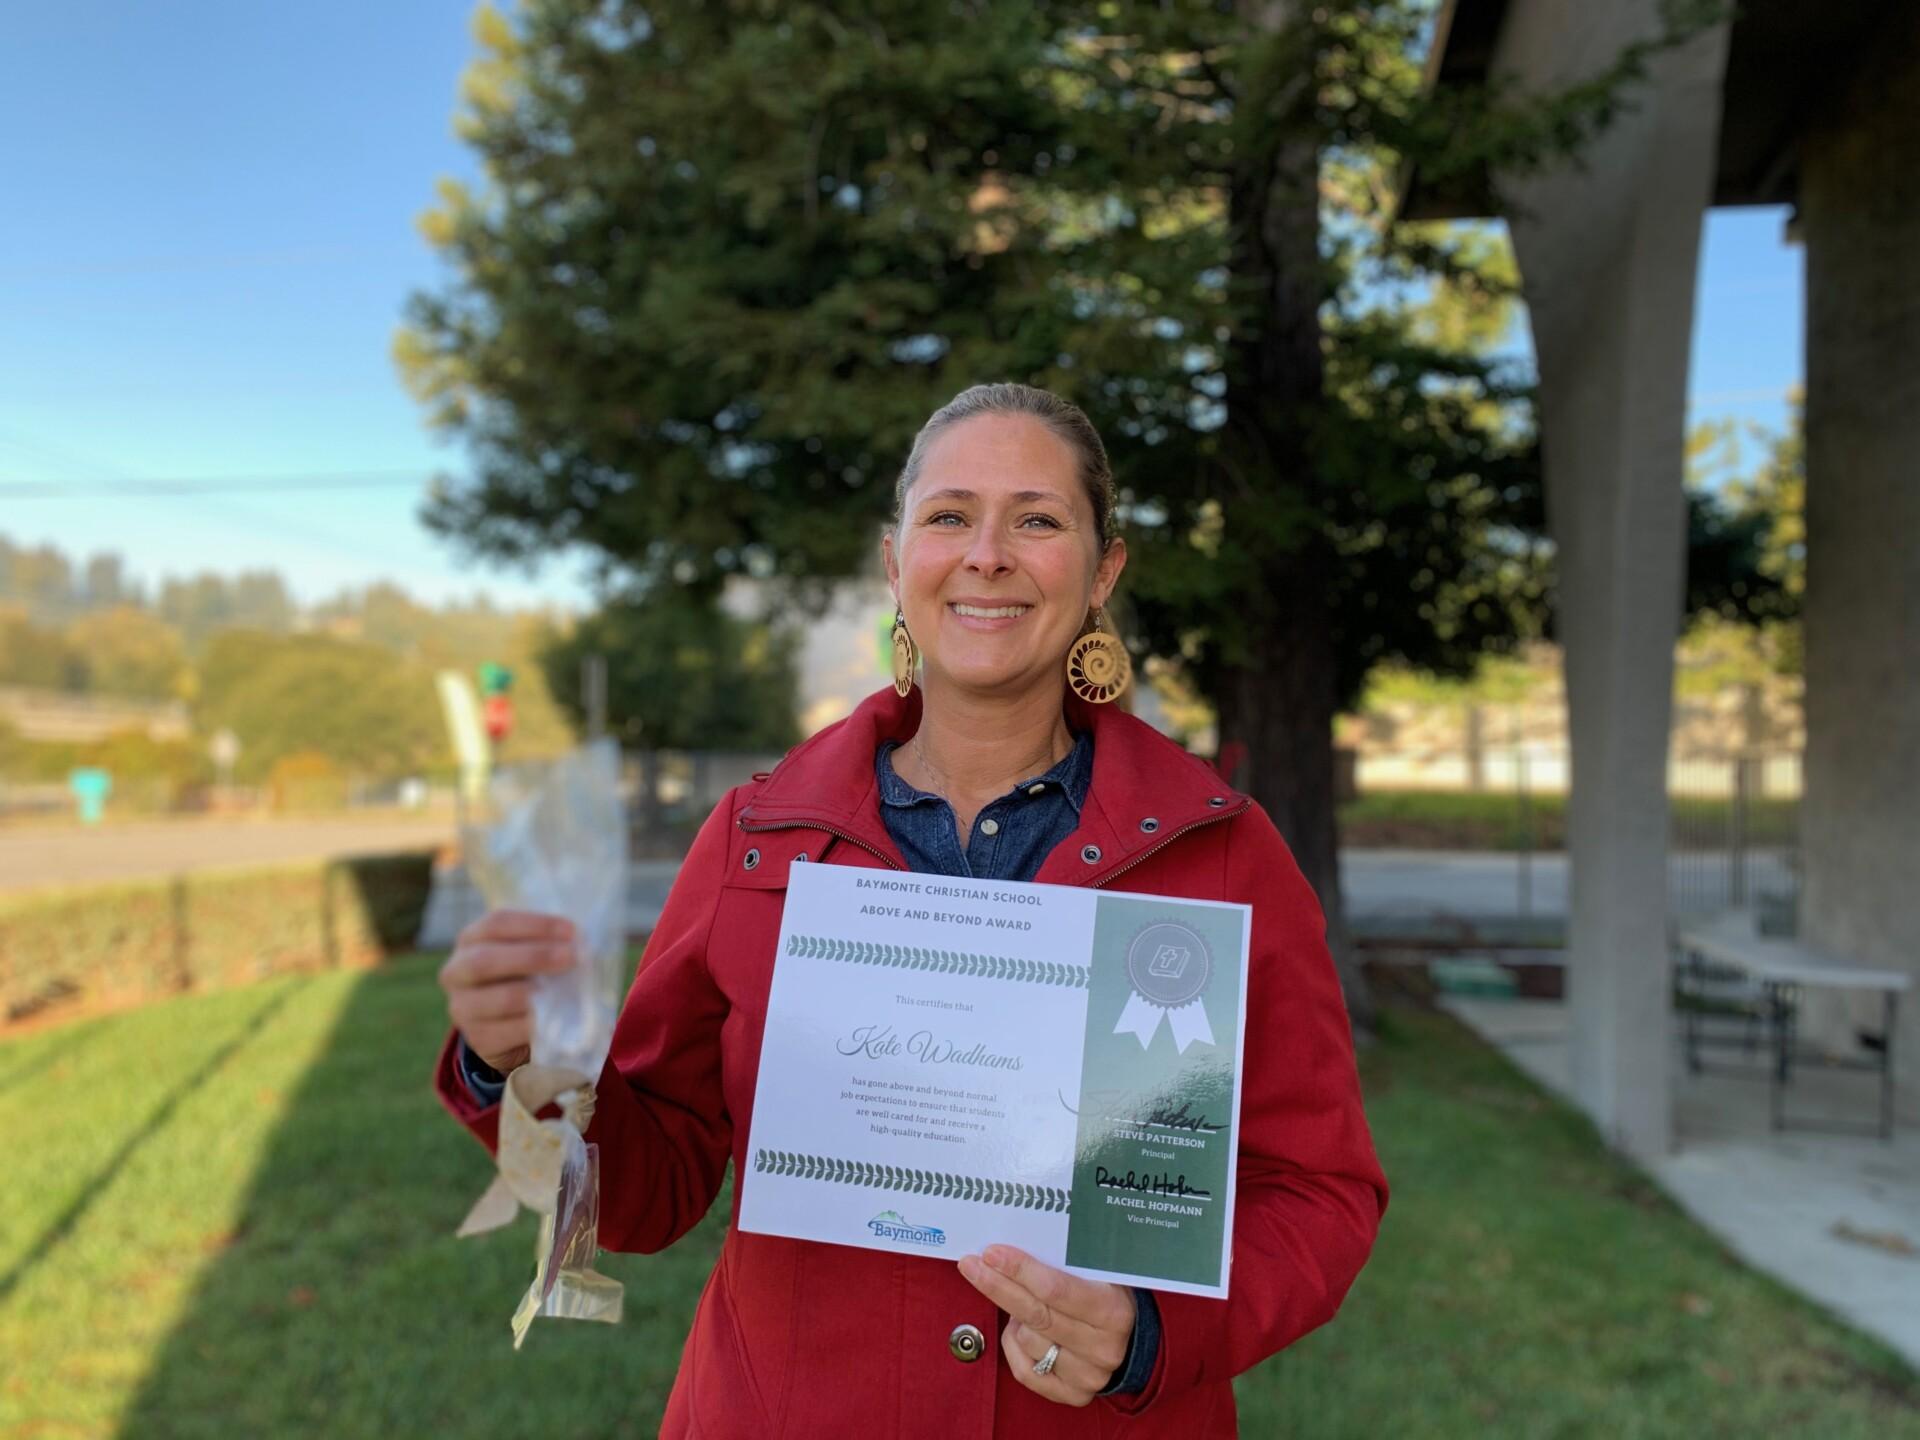 Above and Beyond Award: Kate Wadhams